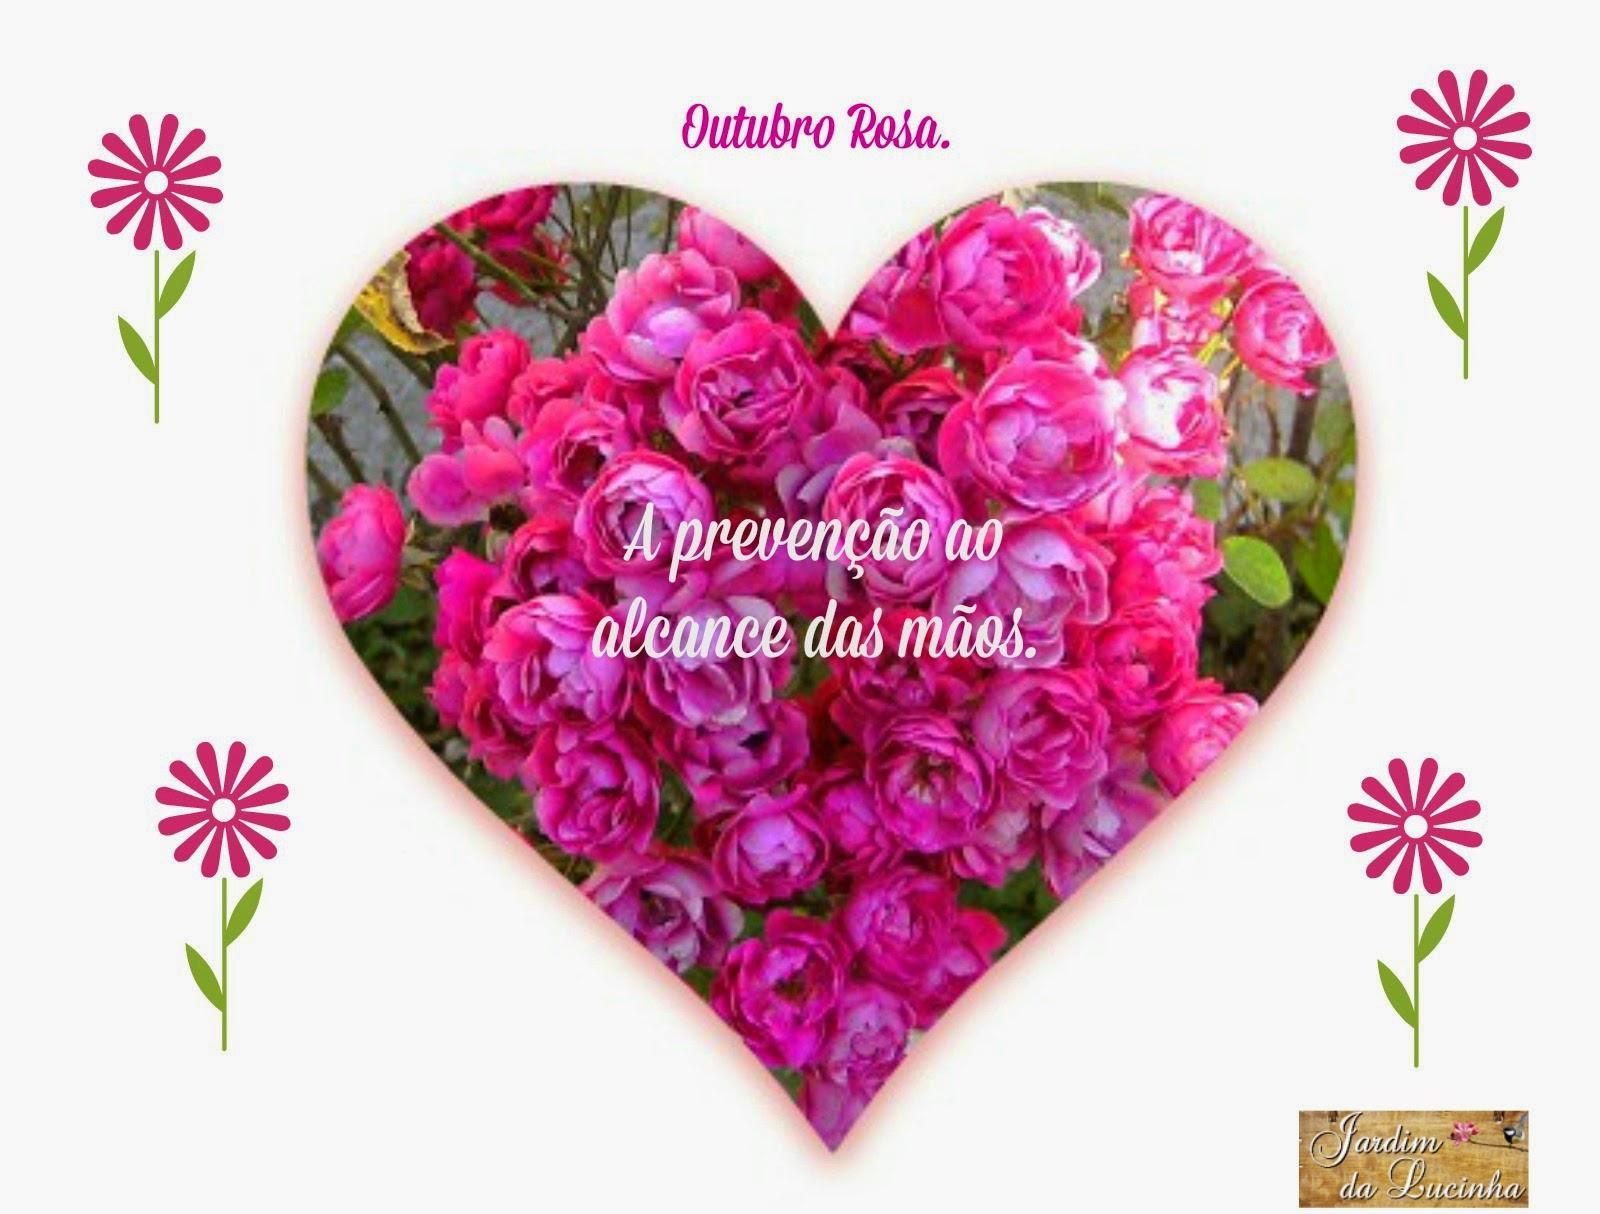 rosas no jardim de deusJardim da Lucinha Outubro Rosa no Jardim